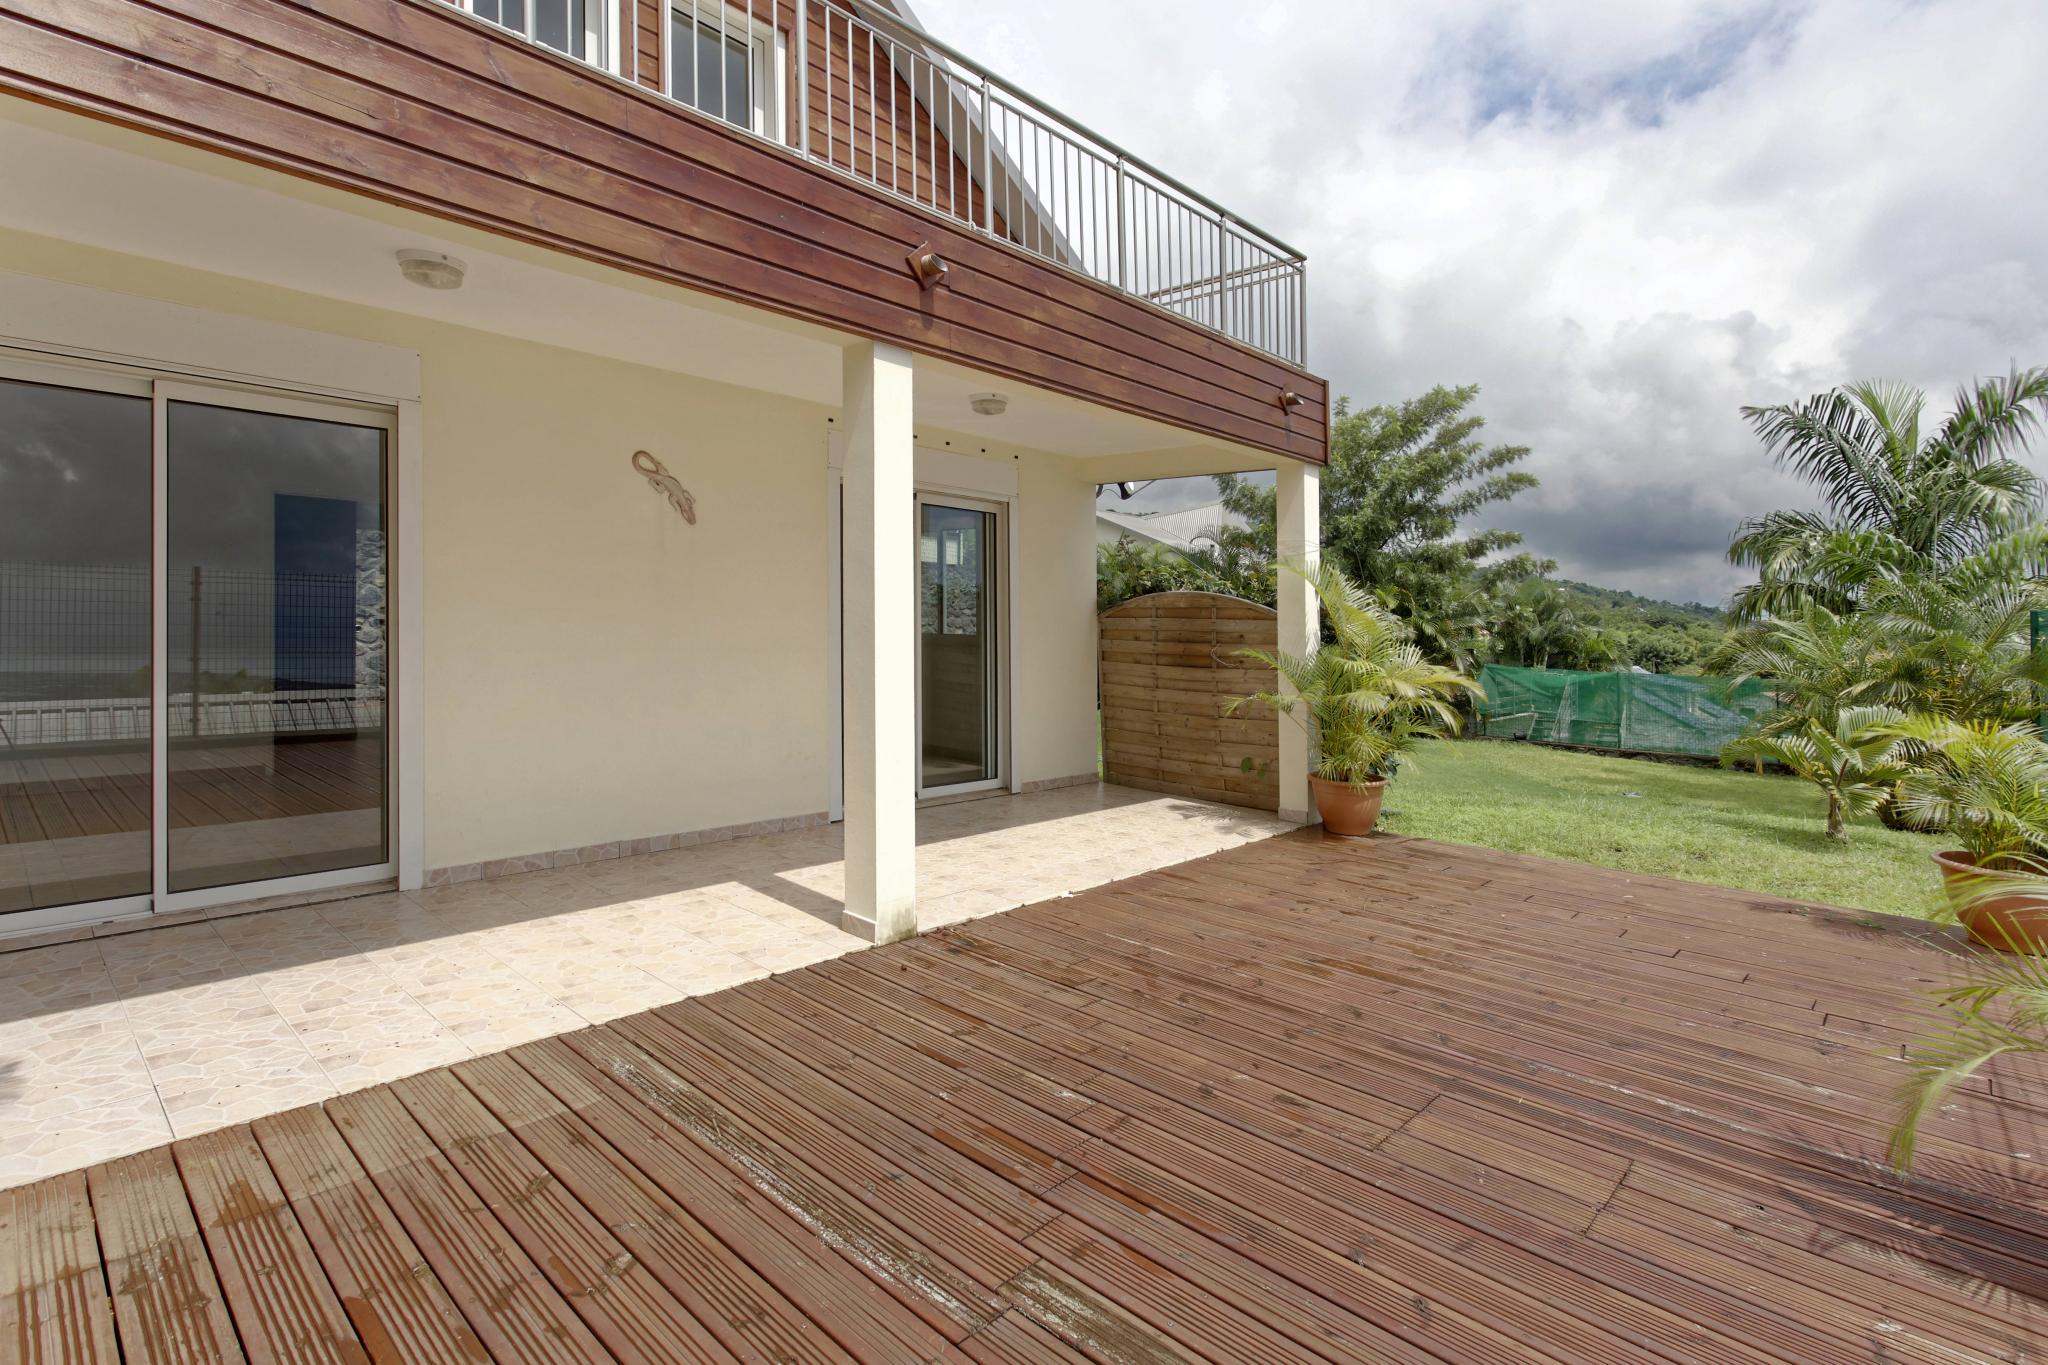 acheter maison en bois beautiful a vendre poitiers maison bois with acheter maison en bois. Black Bedroom Furniture Sets. Home Design Ideas